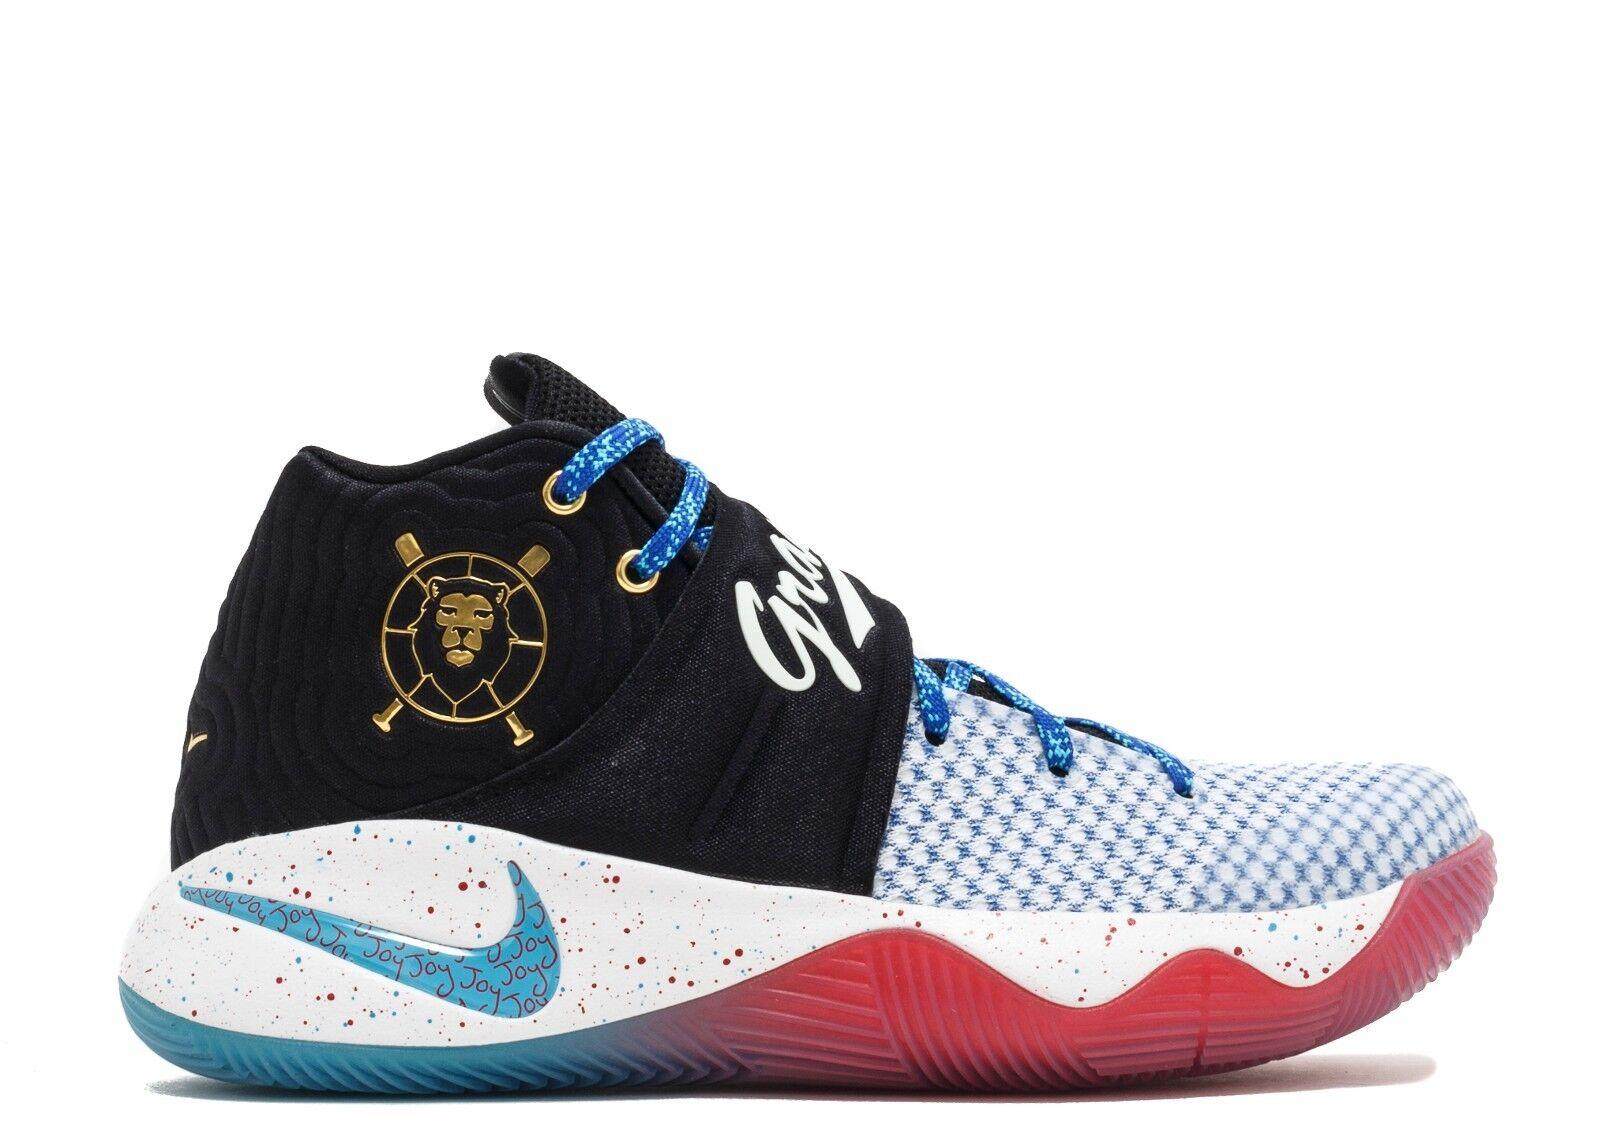 Nike Kyrie 2 Doernbecher DB Size 12. 898641-001 jordan kobe